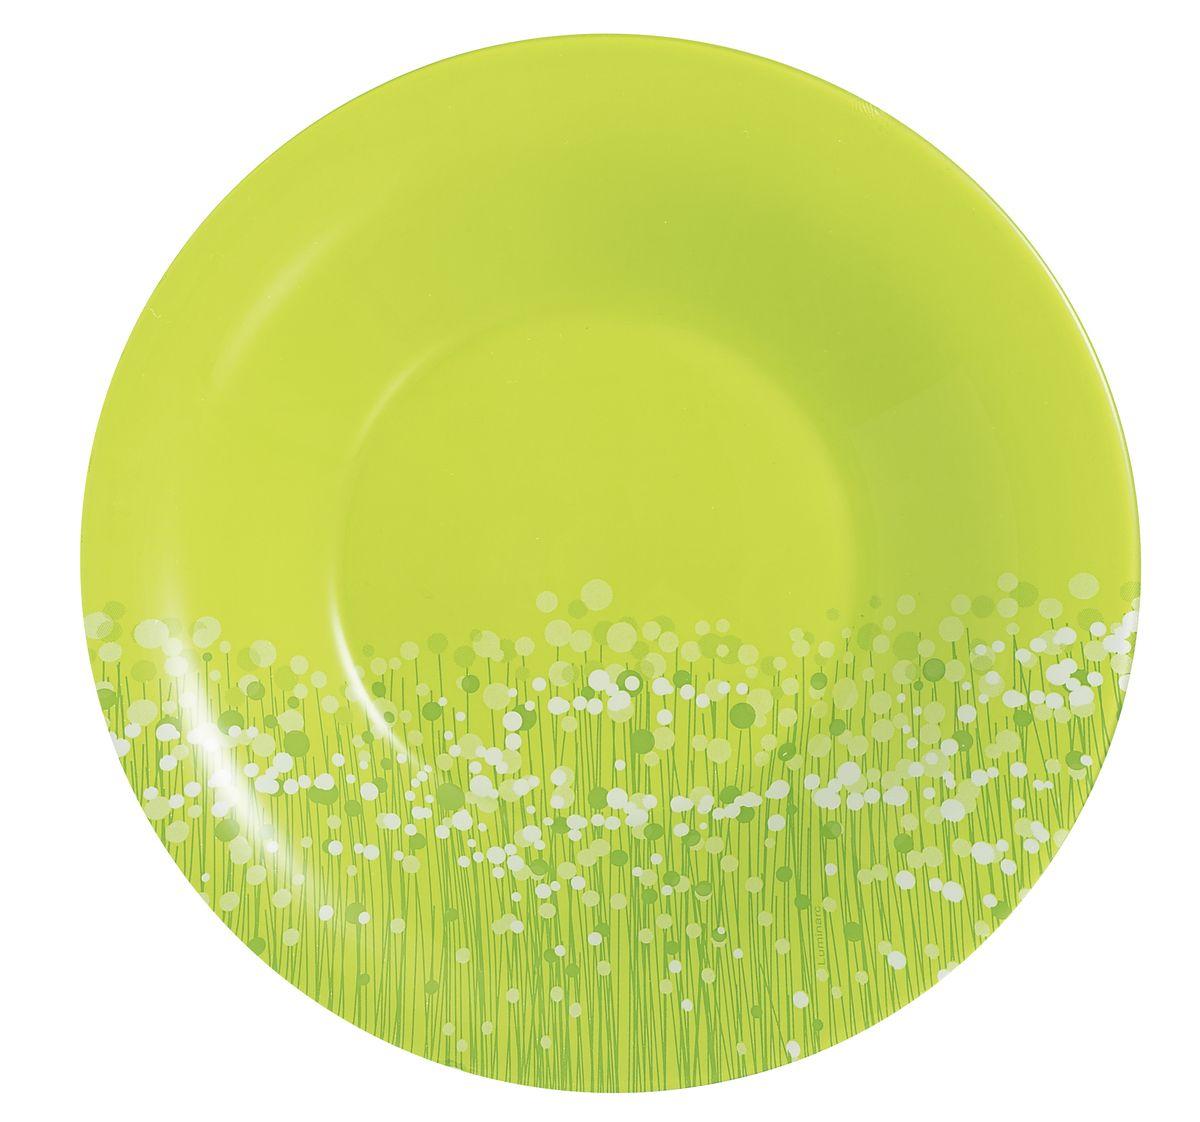 Тарелка глубокая Luminarc Flowerfield, диаметр 21,5 см115610Яркая и привлекательная глубокая тарелка Flowerfield выполнена в нетривиальном дизайне, она подчеркнет стиль дома. Эта тарелка изготовлена из ударопрочного стекла известной французской марки Luminarc. Тарелку можно использовать в СВЧ-печи и мыть с помощью посудомоечной машины.